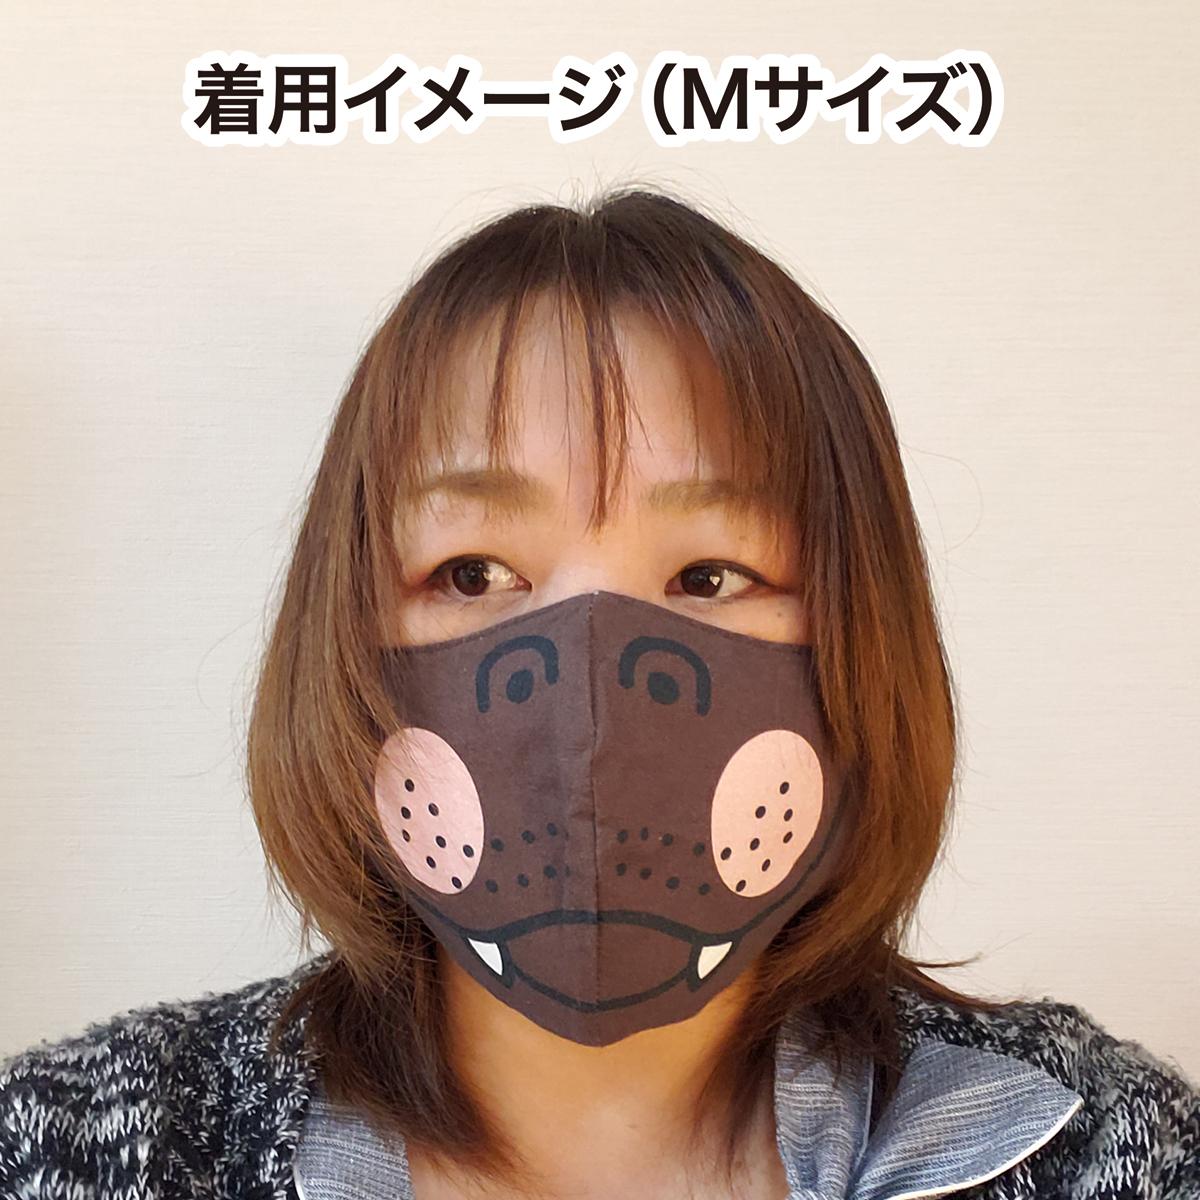 マスク 工場 水野 染